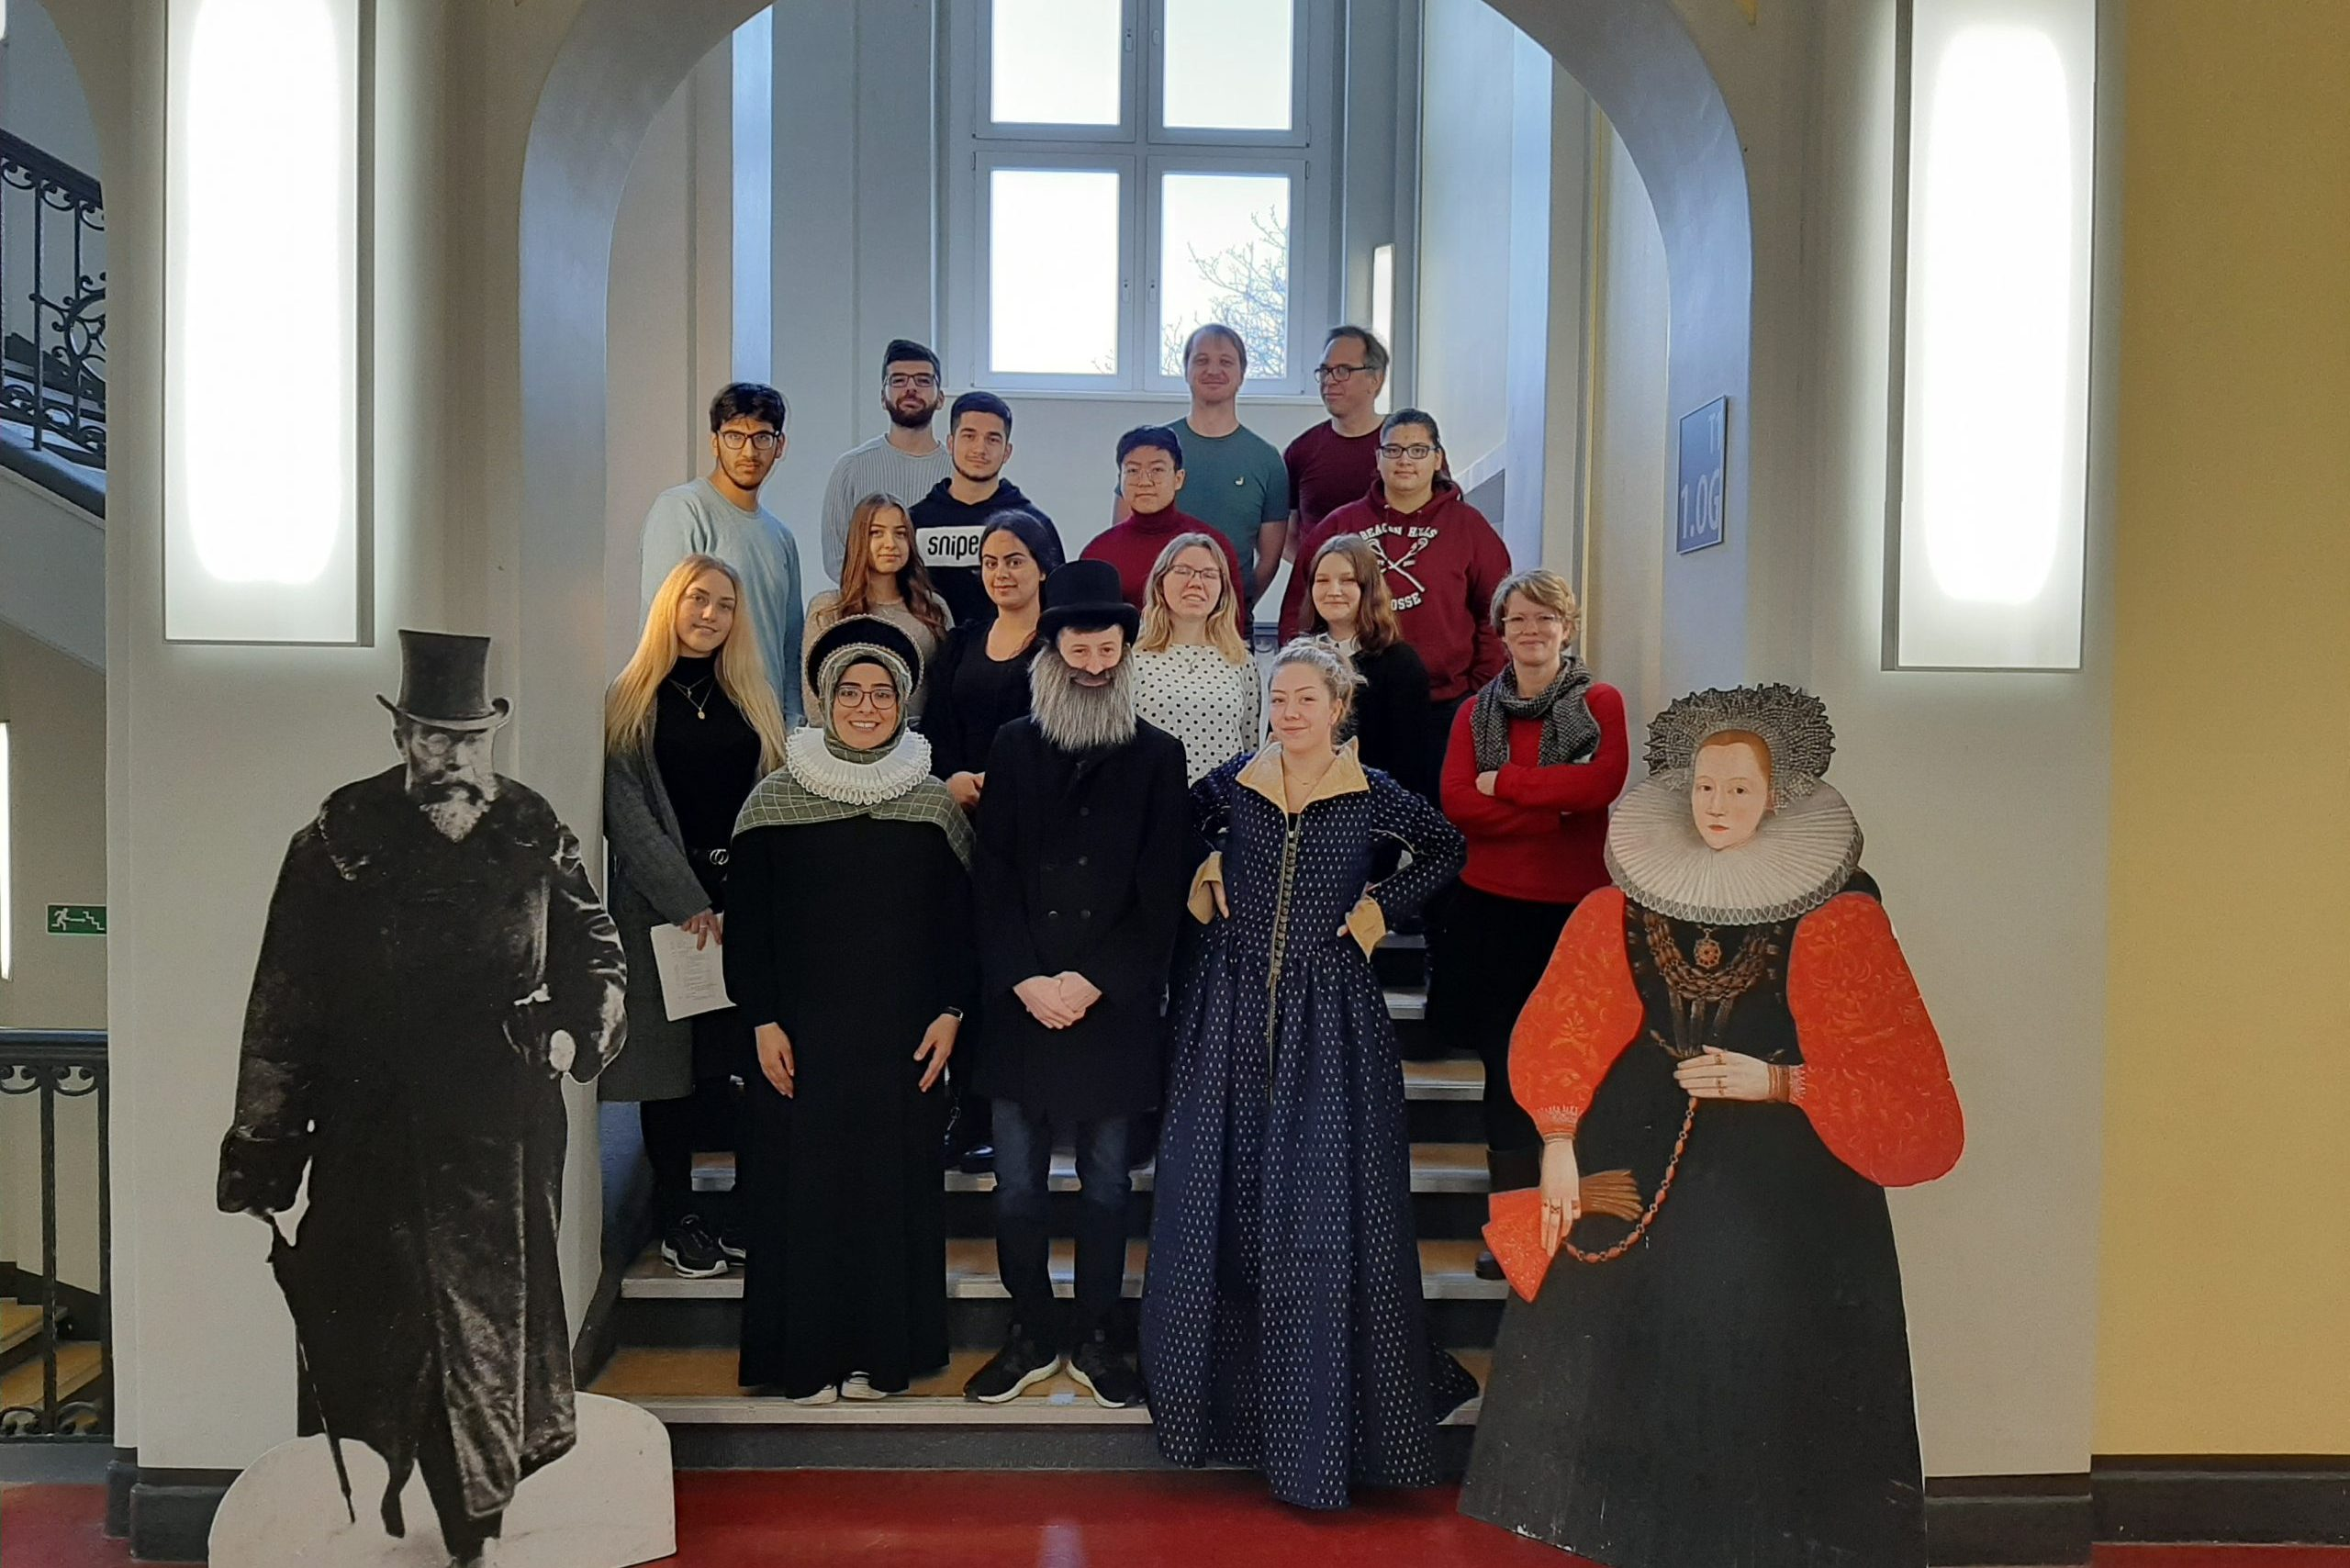 Sophie Brahe trifft Wilhelm Conrad Röntgen